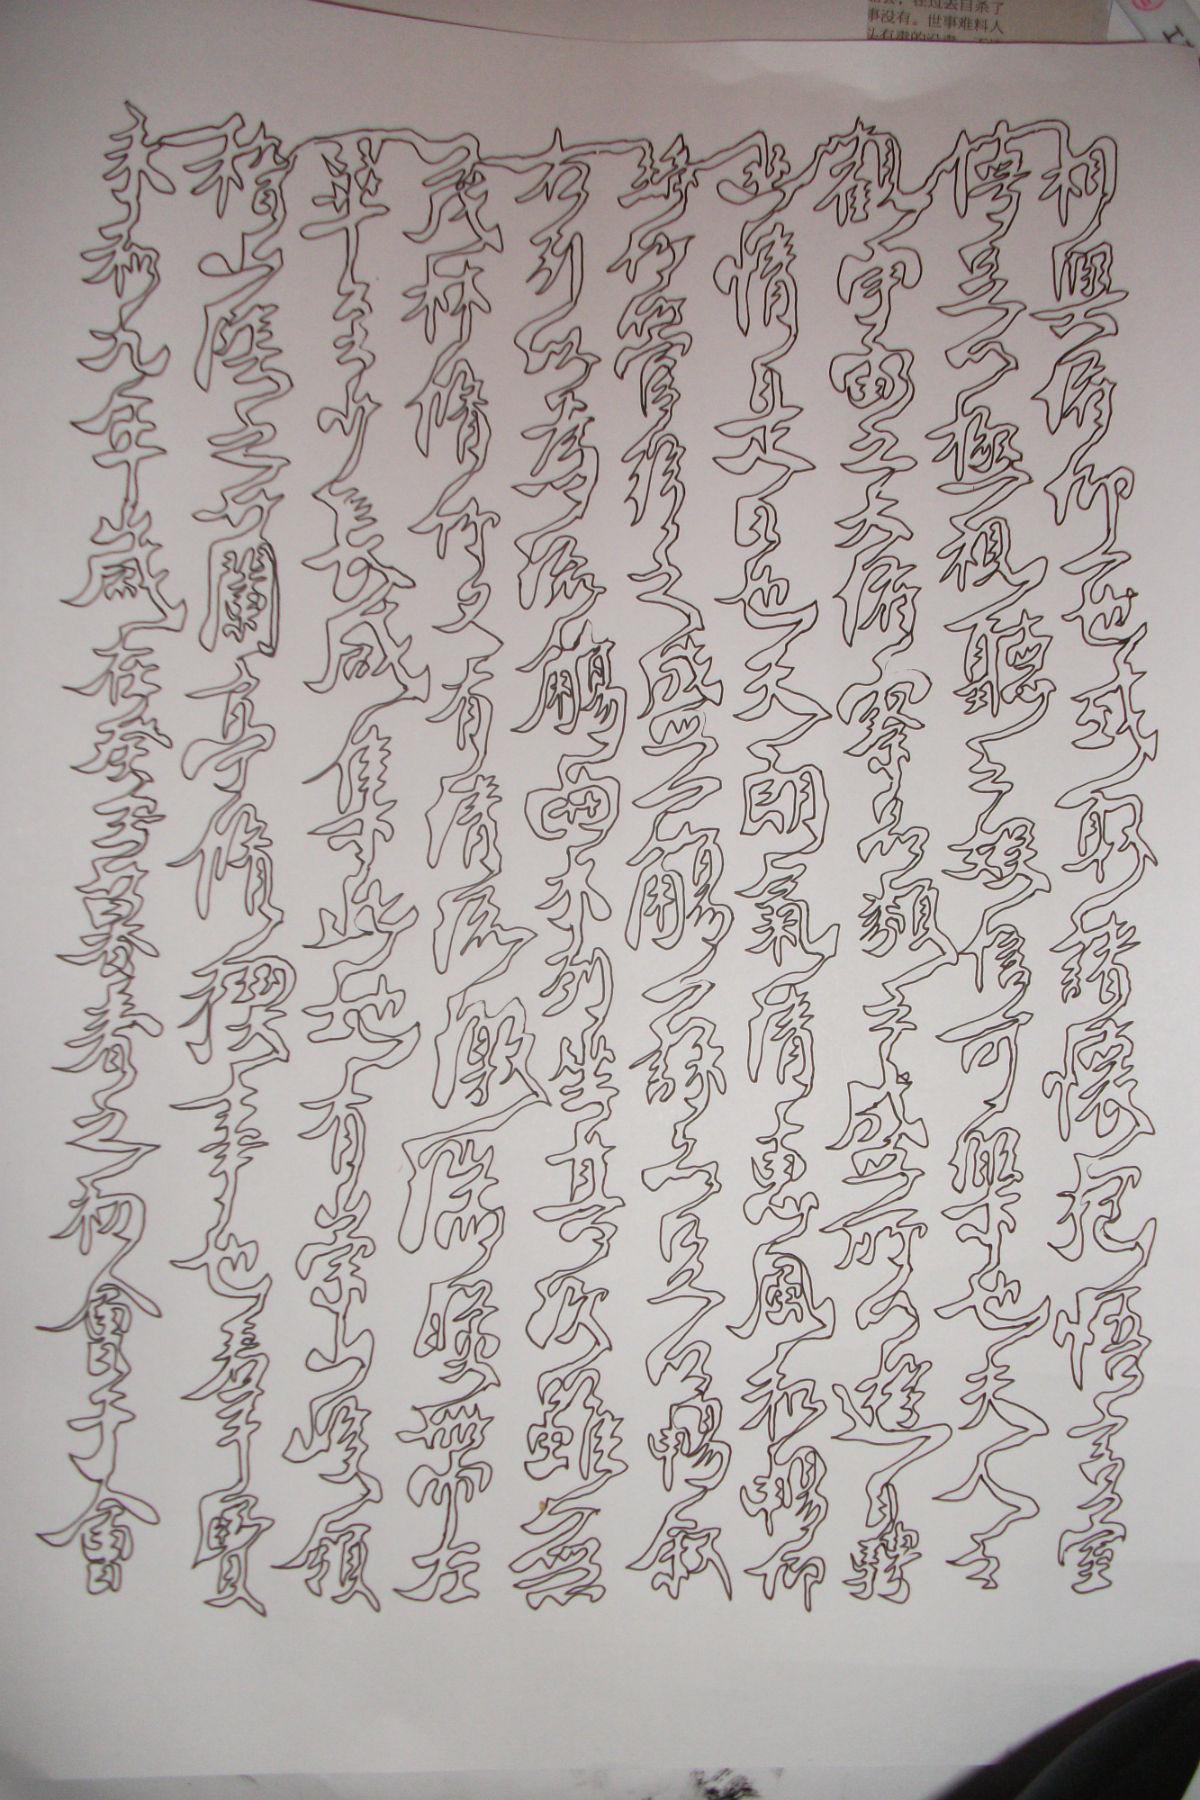 一笔空心书法交友qq121084484兰亭序节选图片